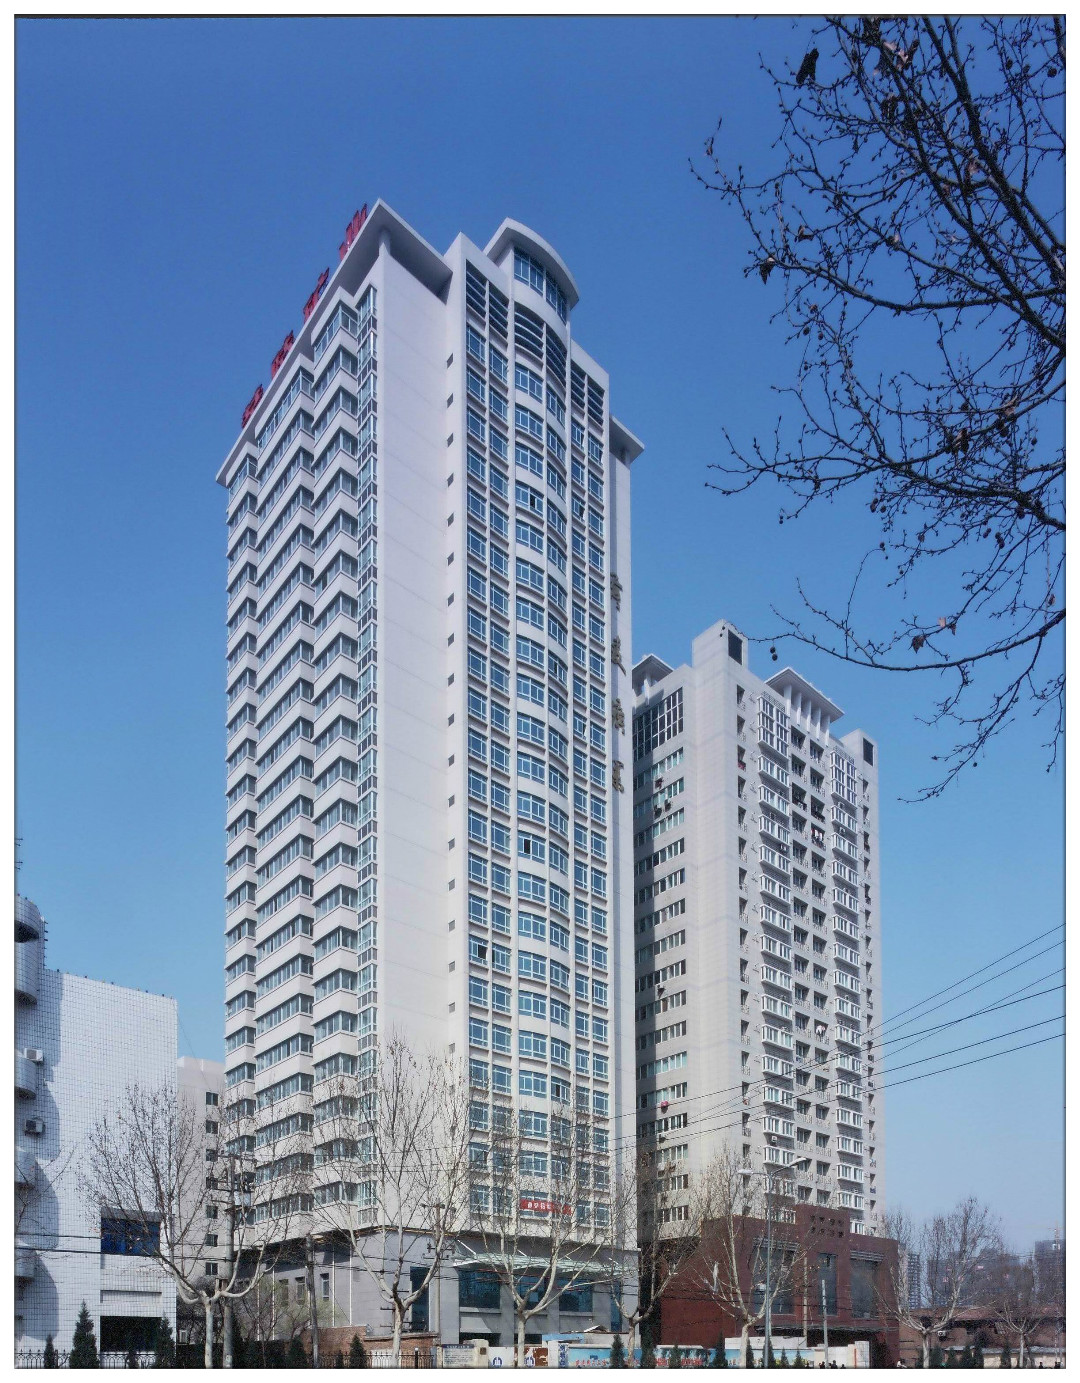 黄陵矿业集团北郊基地综合楼、住宅楼万博max电脑网页版登录入口